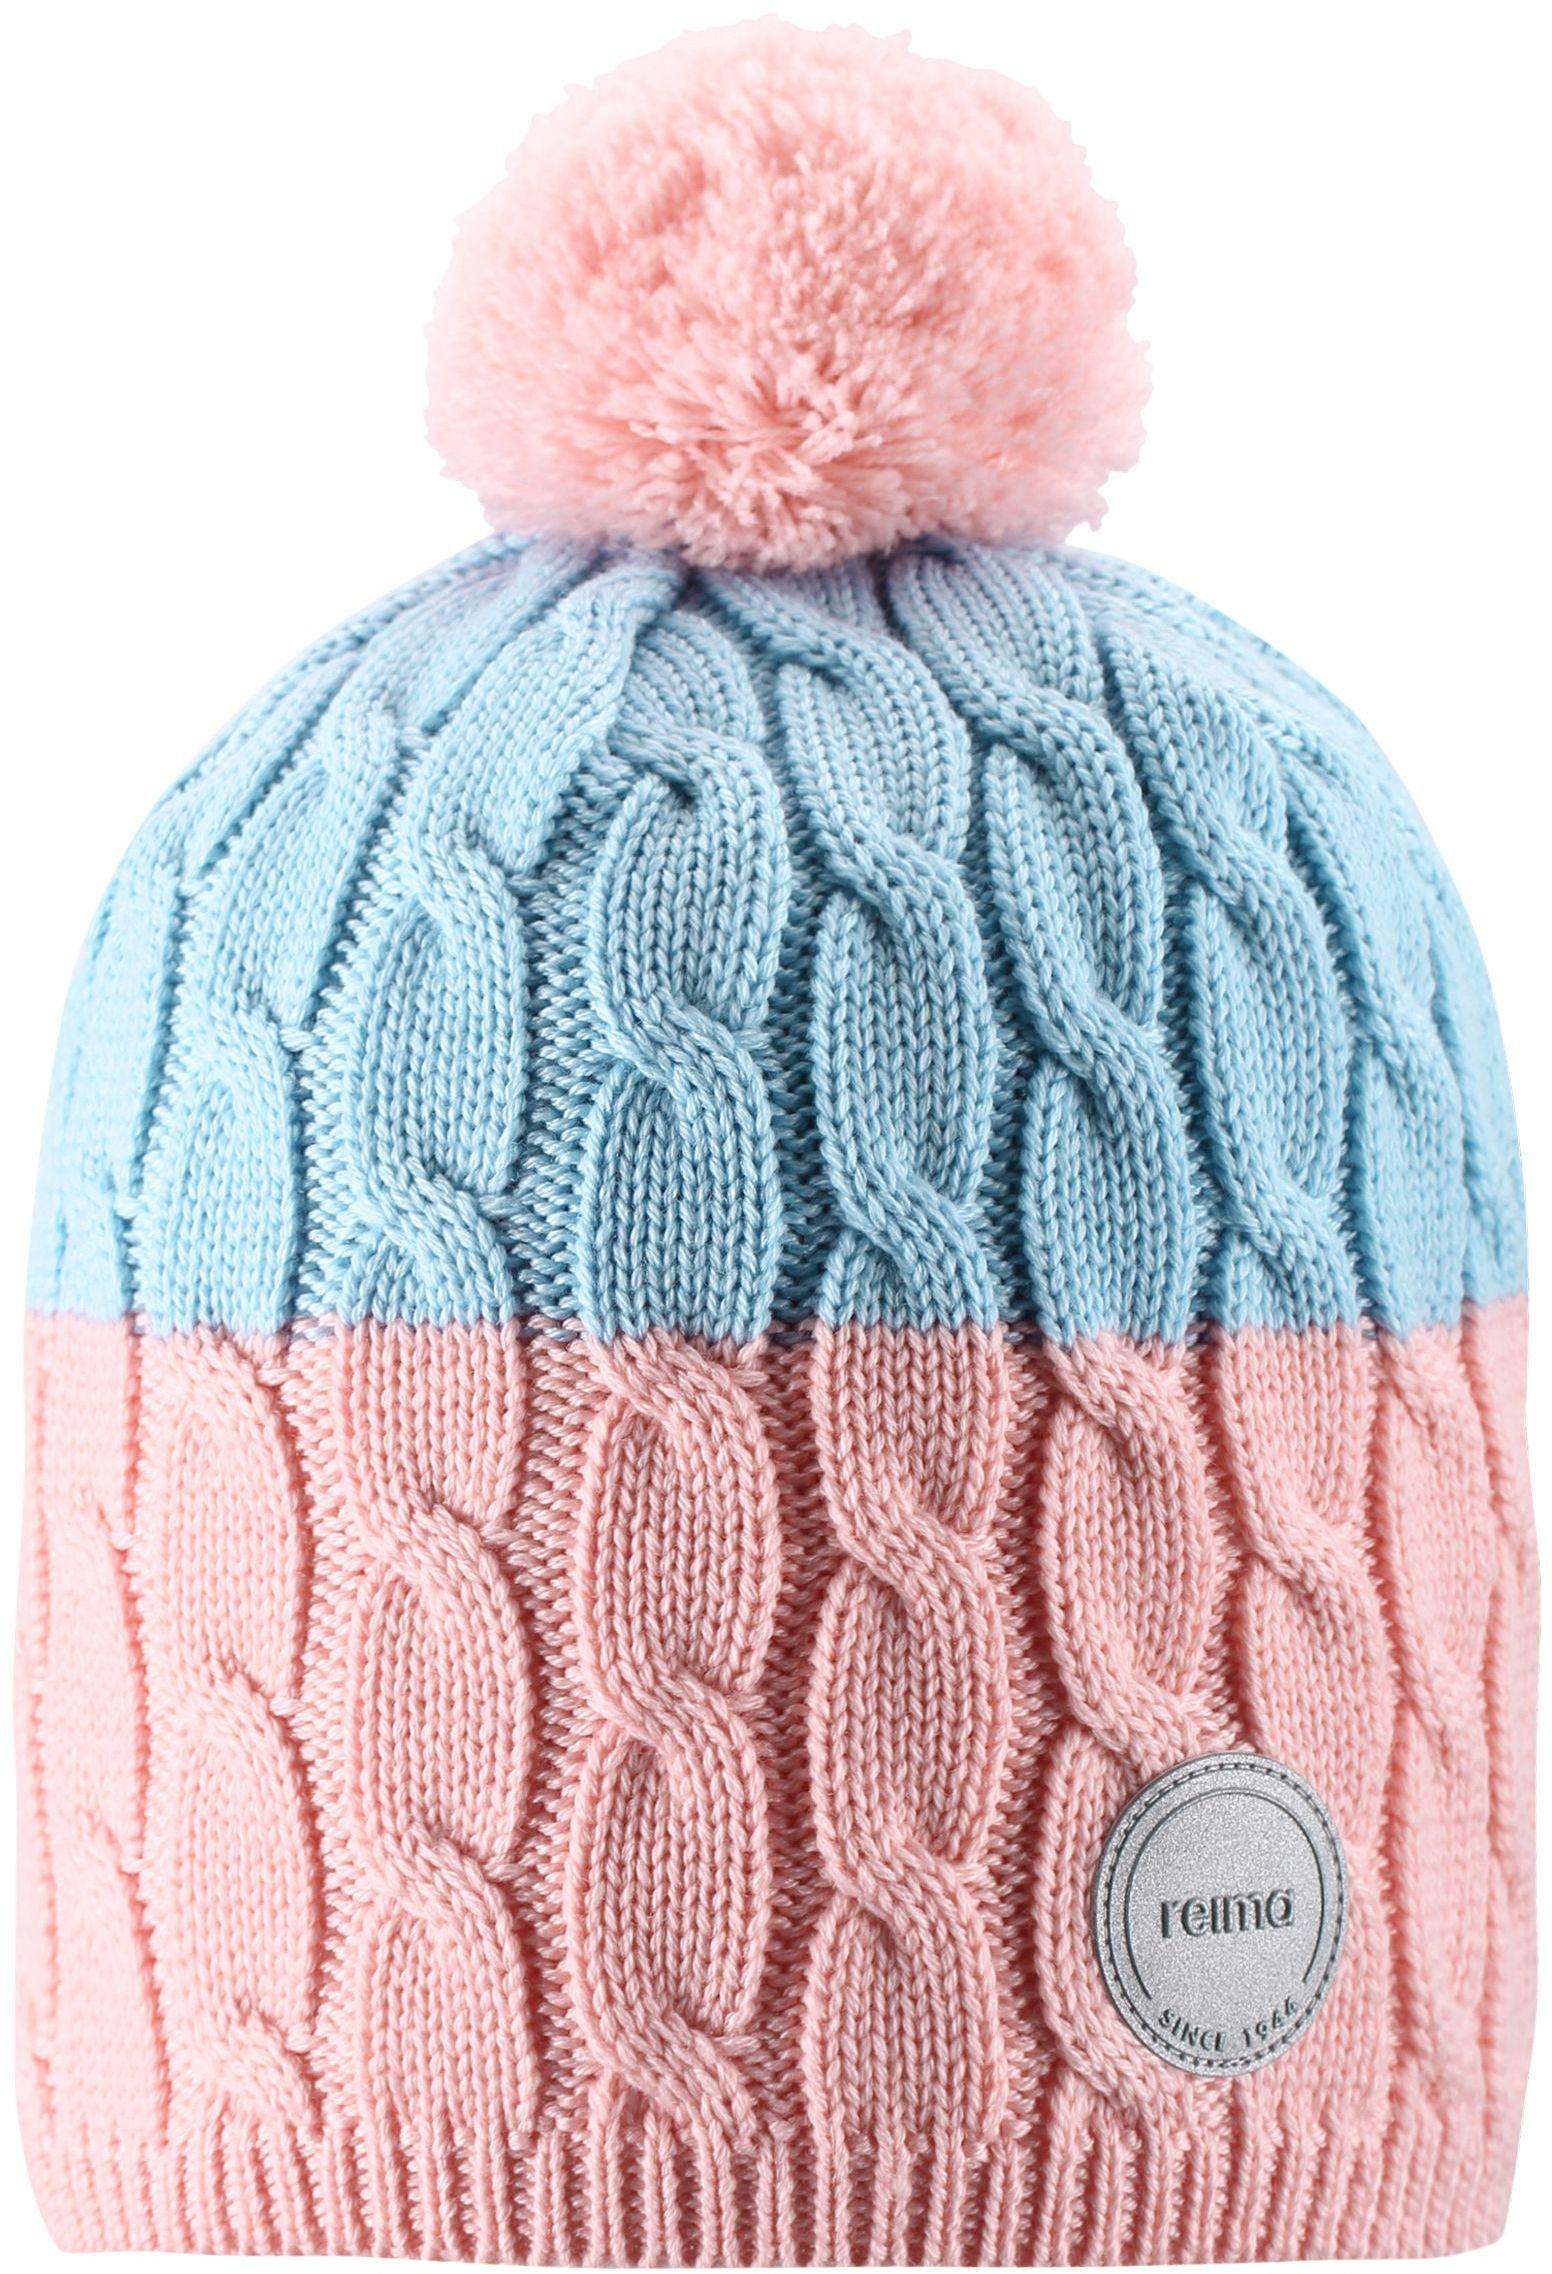 Reima Nyksund - Powder pink detska dievcenska merino vlnena ciapka